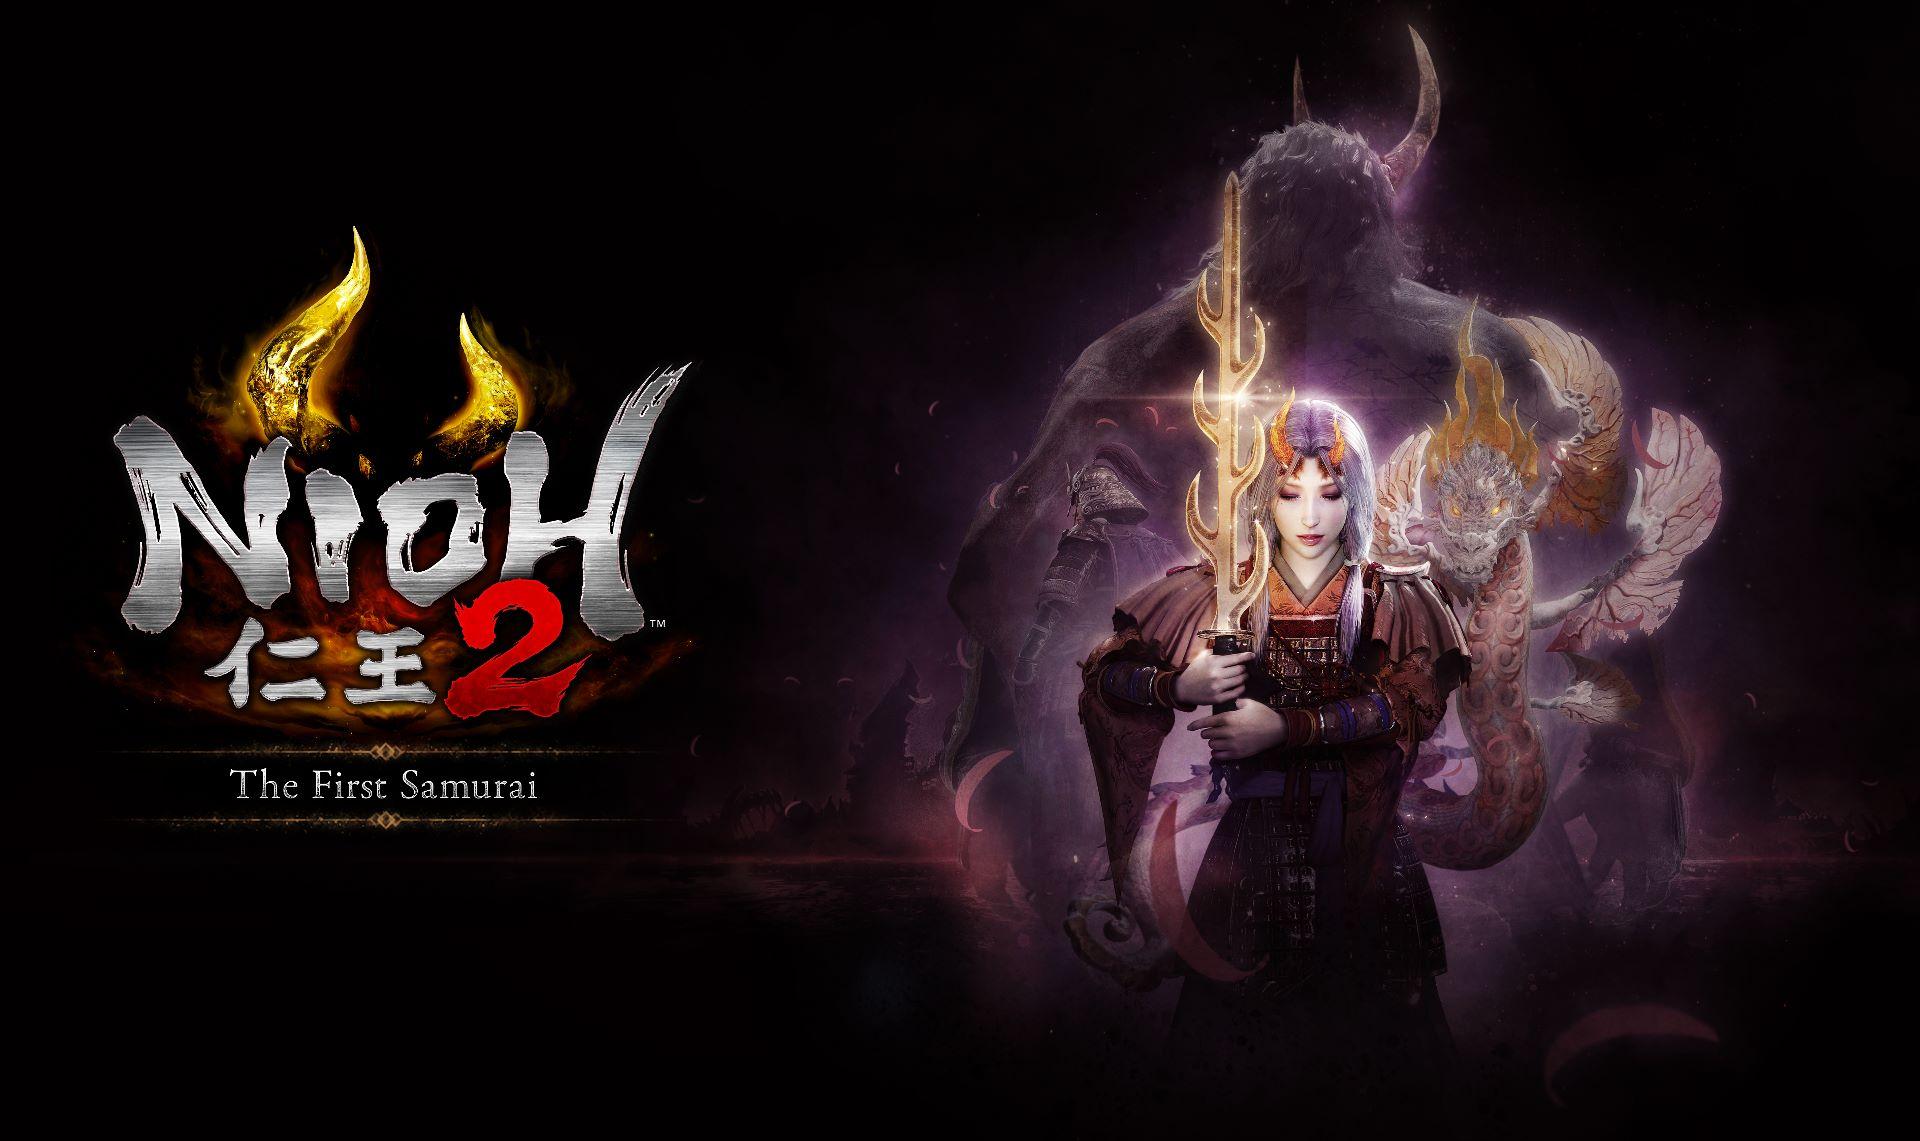 Nioh 2, annunciata la data di uscita del terzo DLC, Il Primo Samurai: arriva a metà dicembre